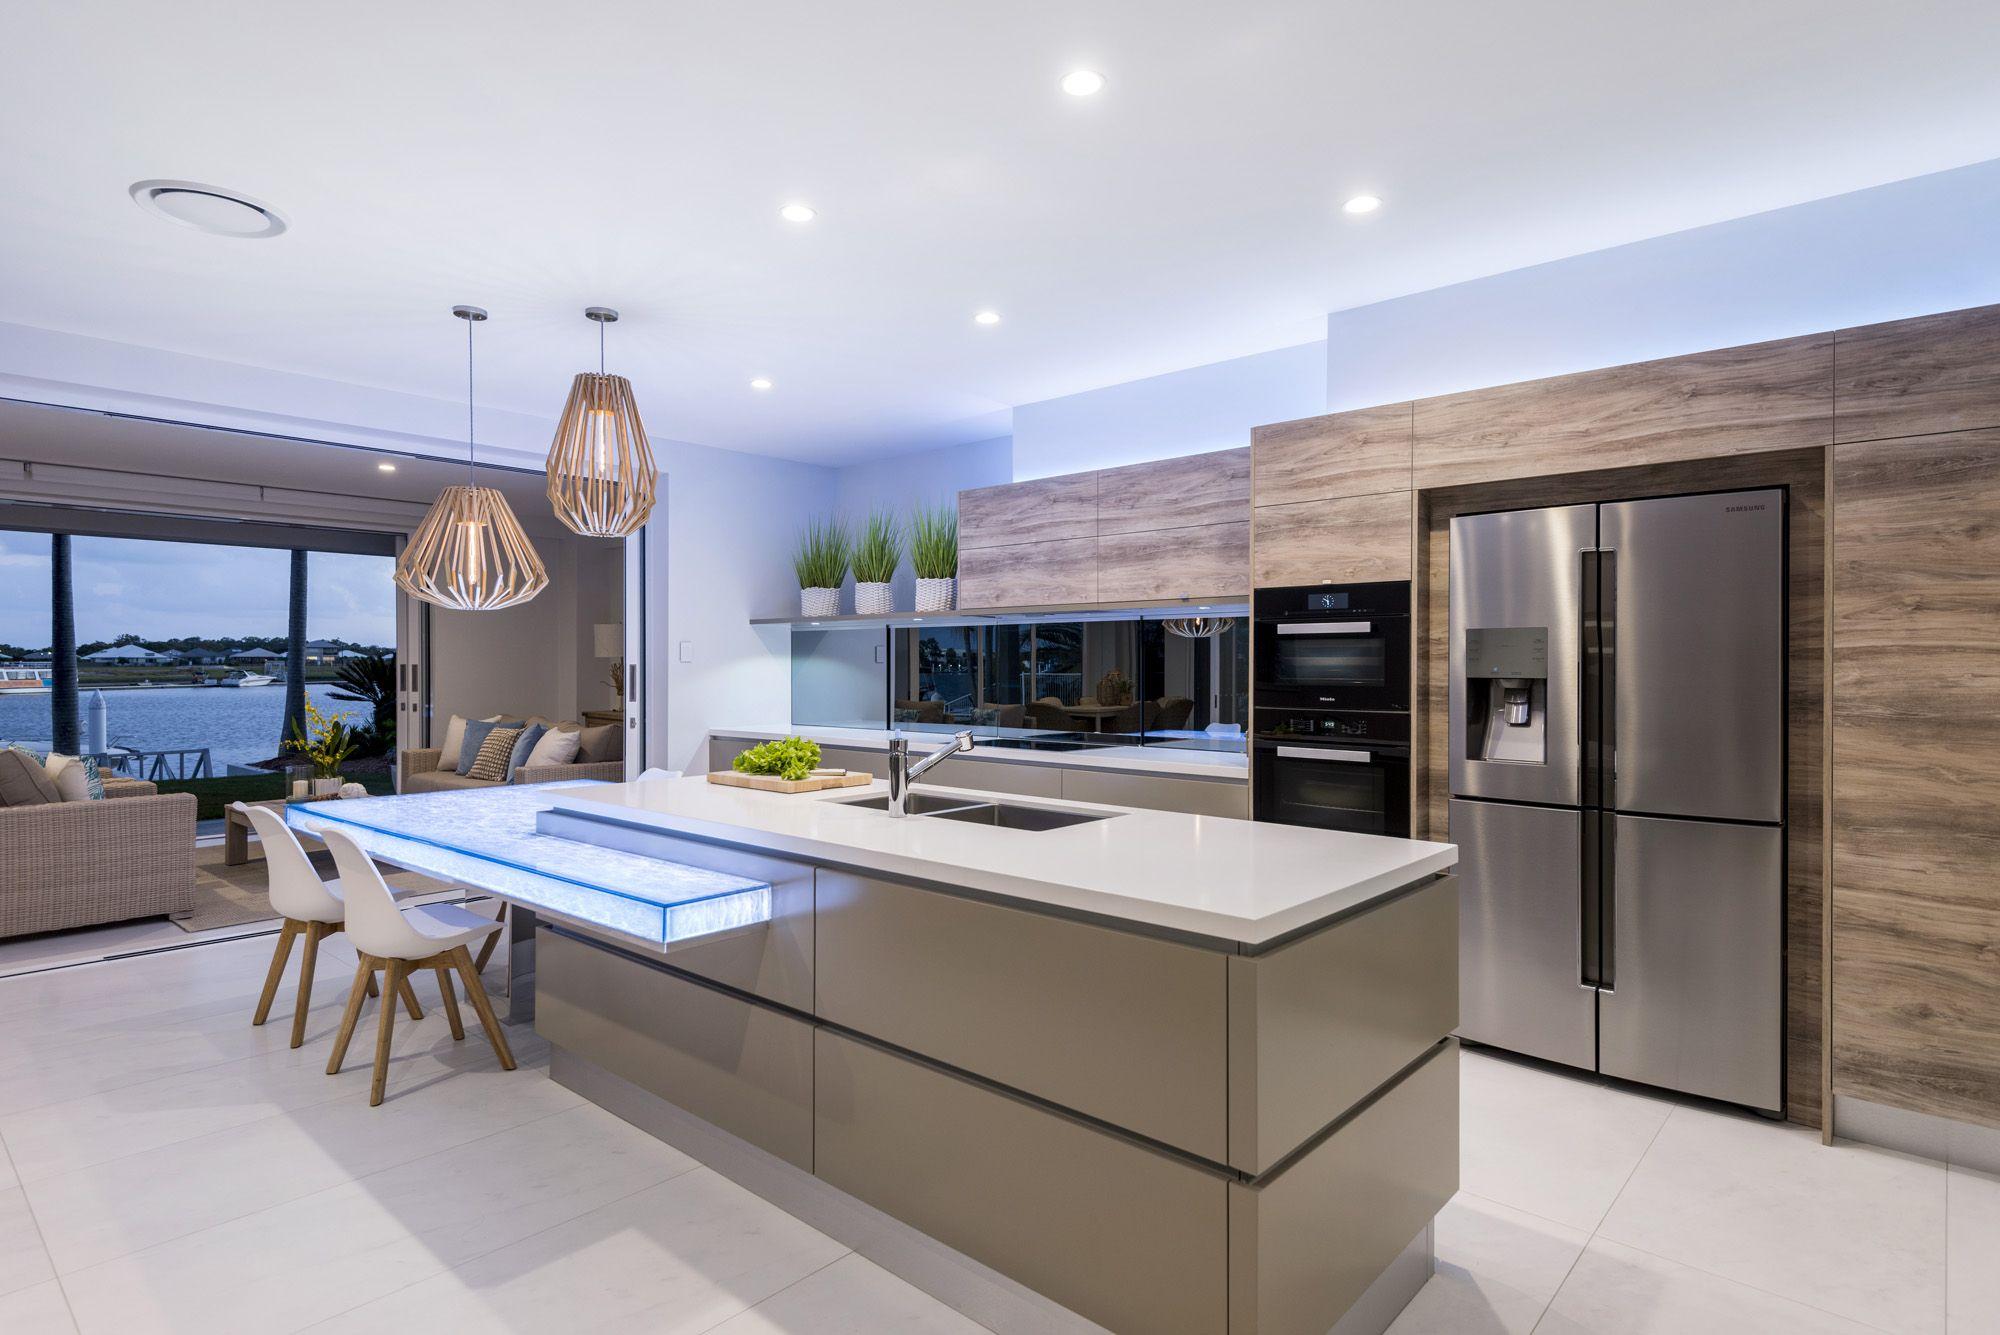 Kitchen Renovation and Design Brisbane   Kitchen, Luxury kitchen ...